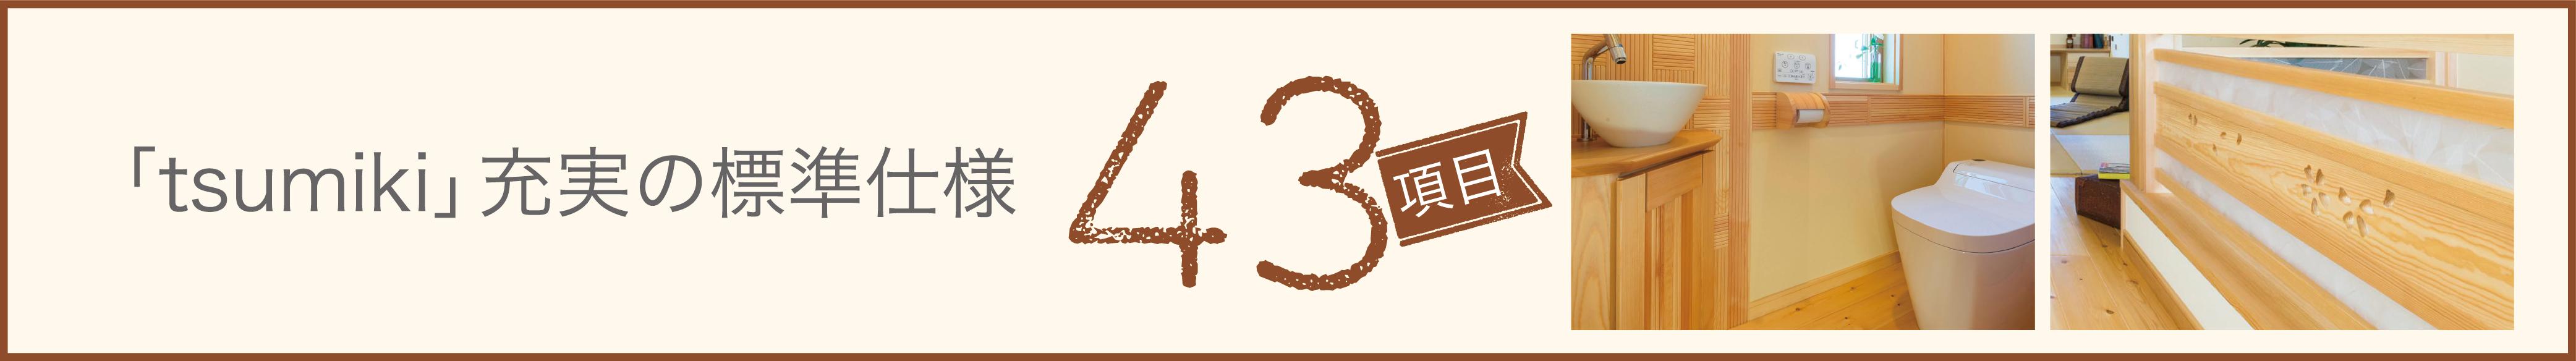 無垢材の家「モッカの家・tsumiki(つみき)」の標準仕様